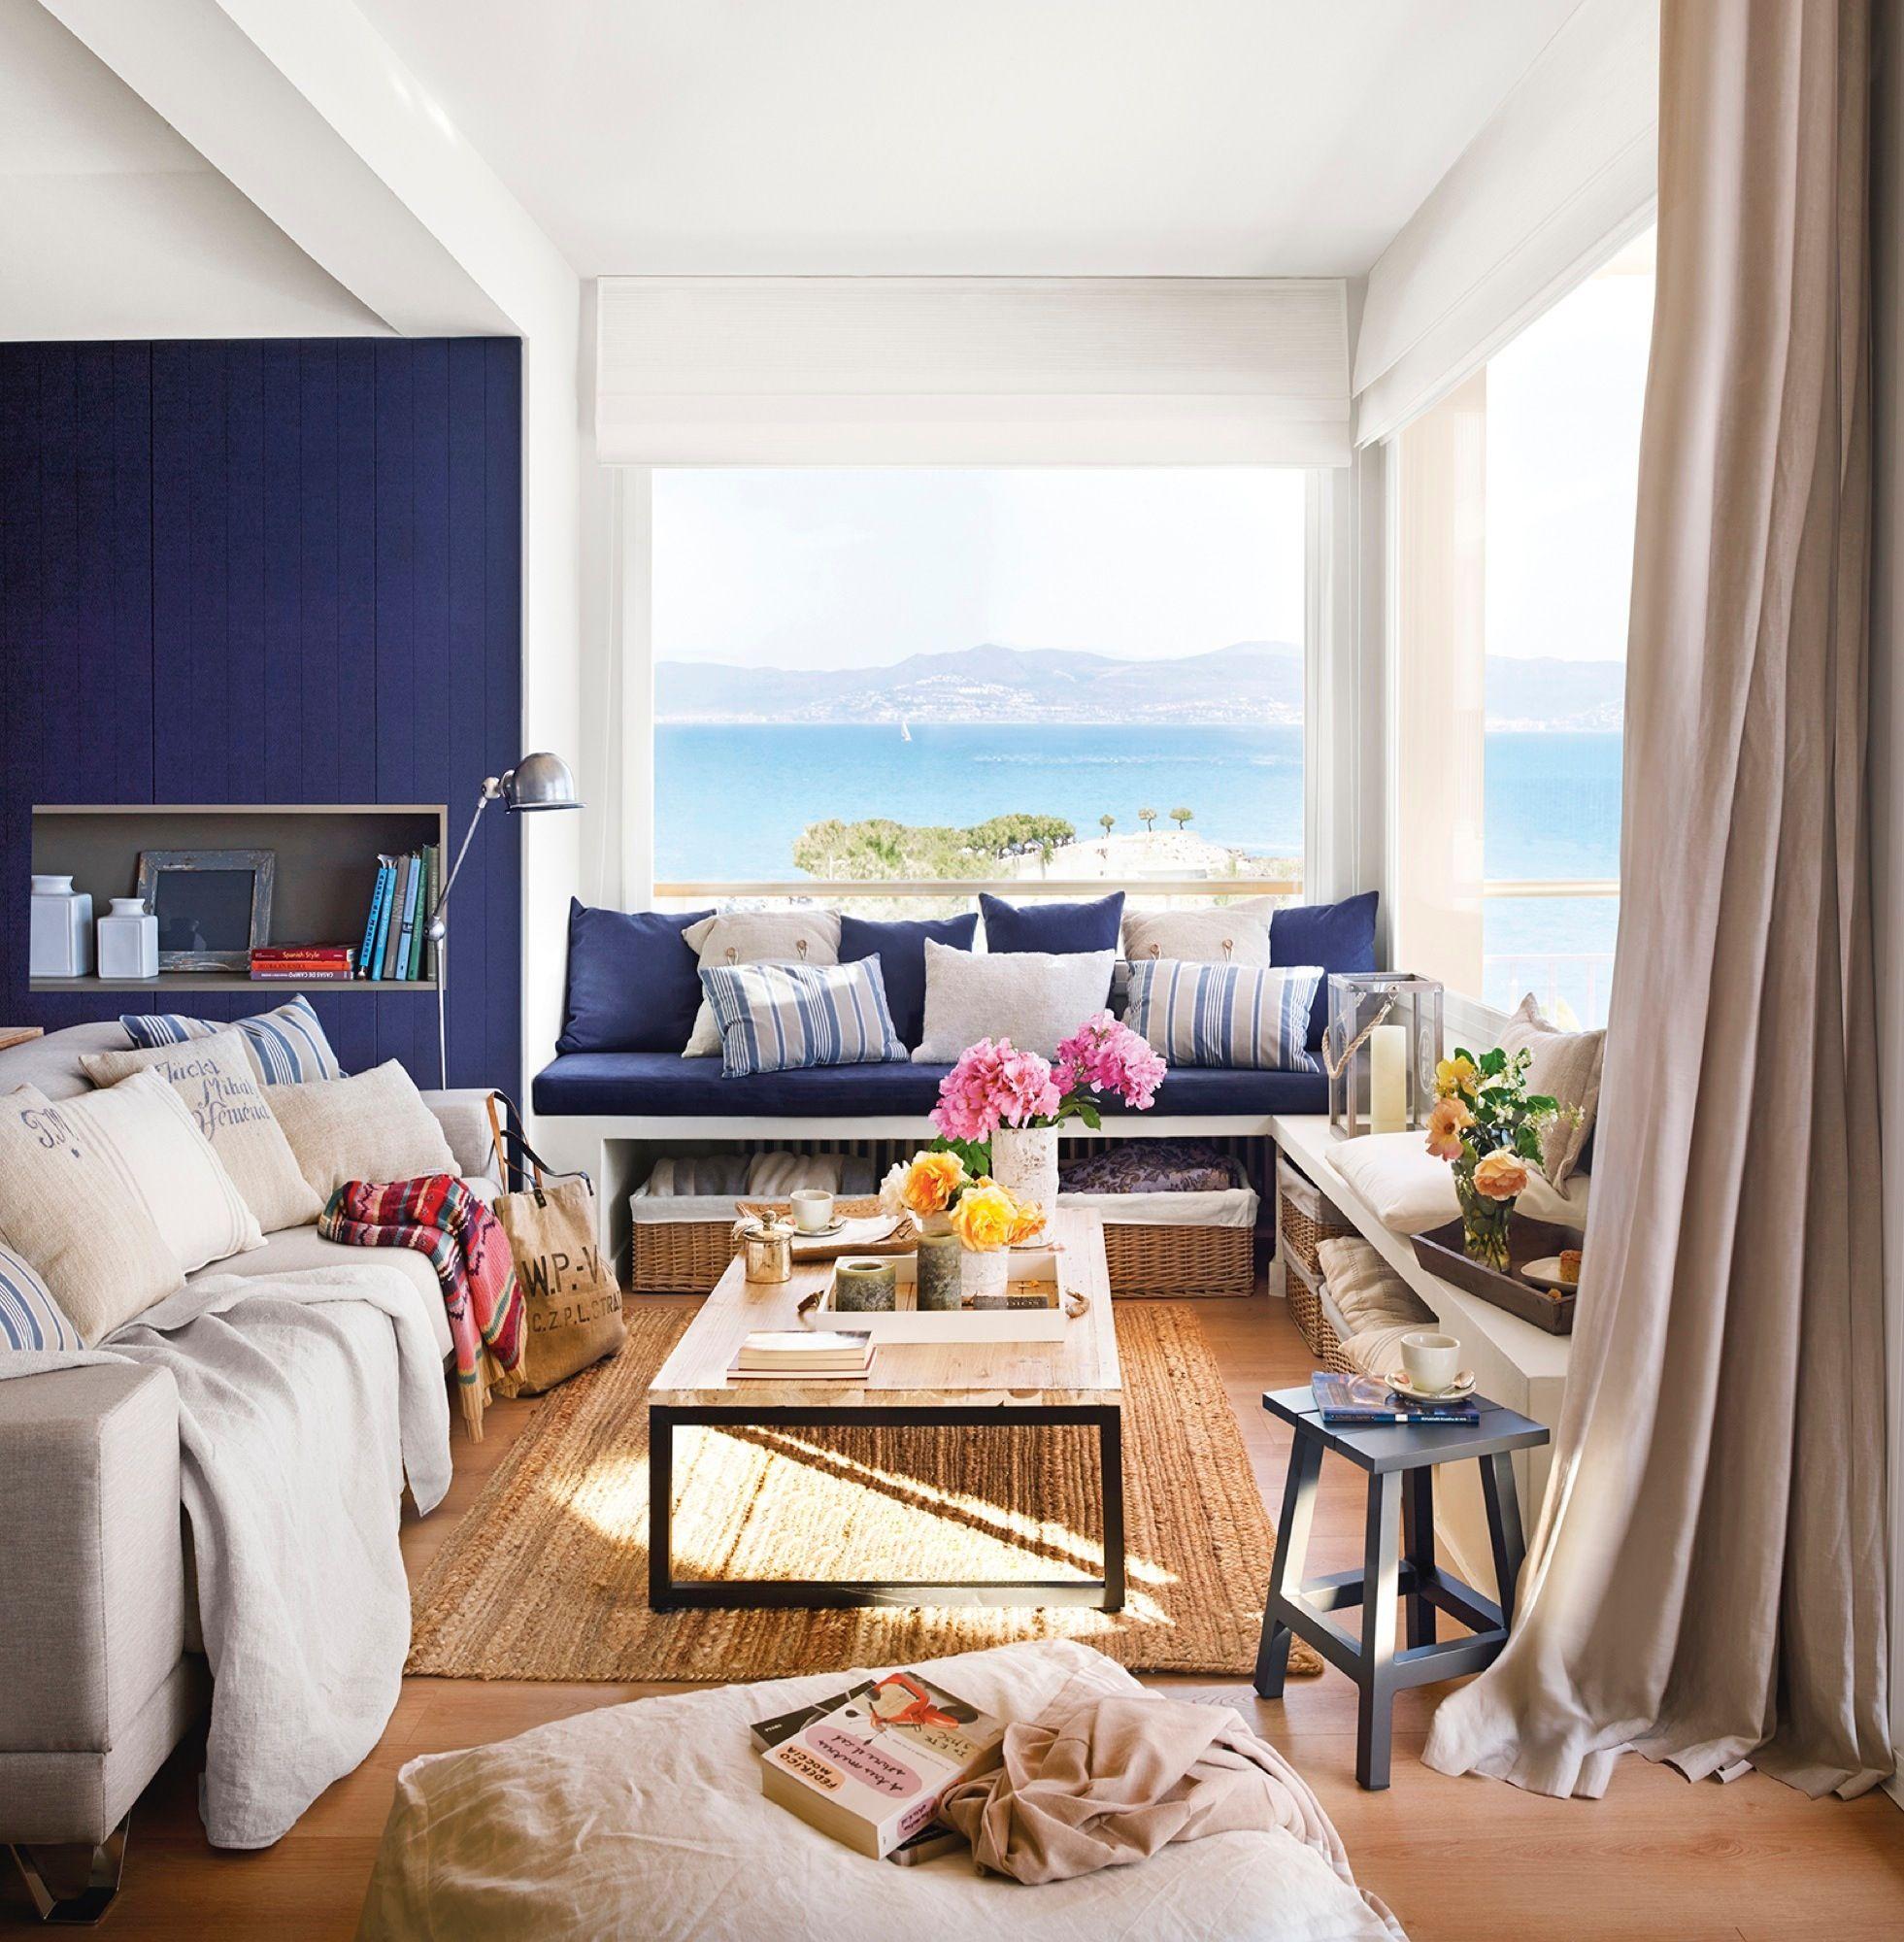 El banco perfecto salas decoracion de interiores for Decoracion de casas acogedoras